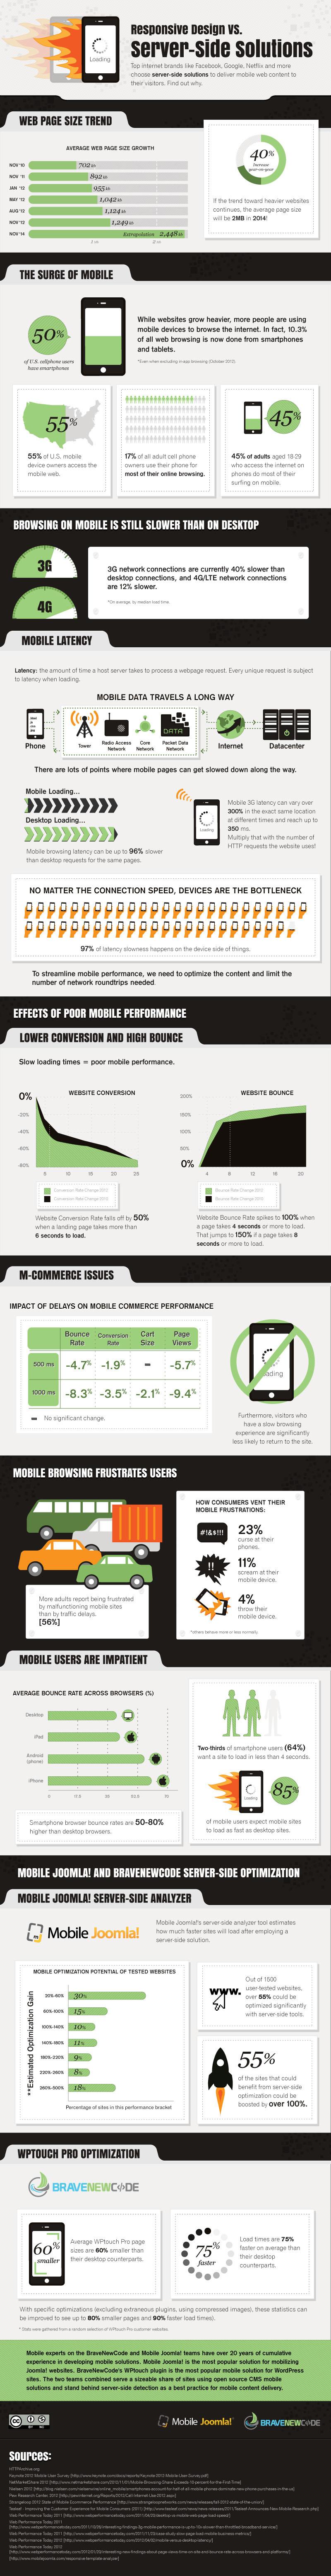 Responsive Design Versus Server-side Mobile Solutions